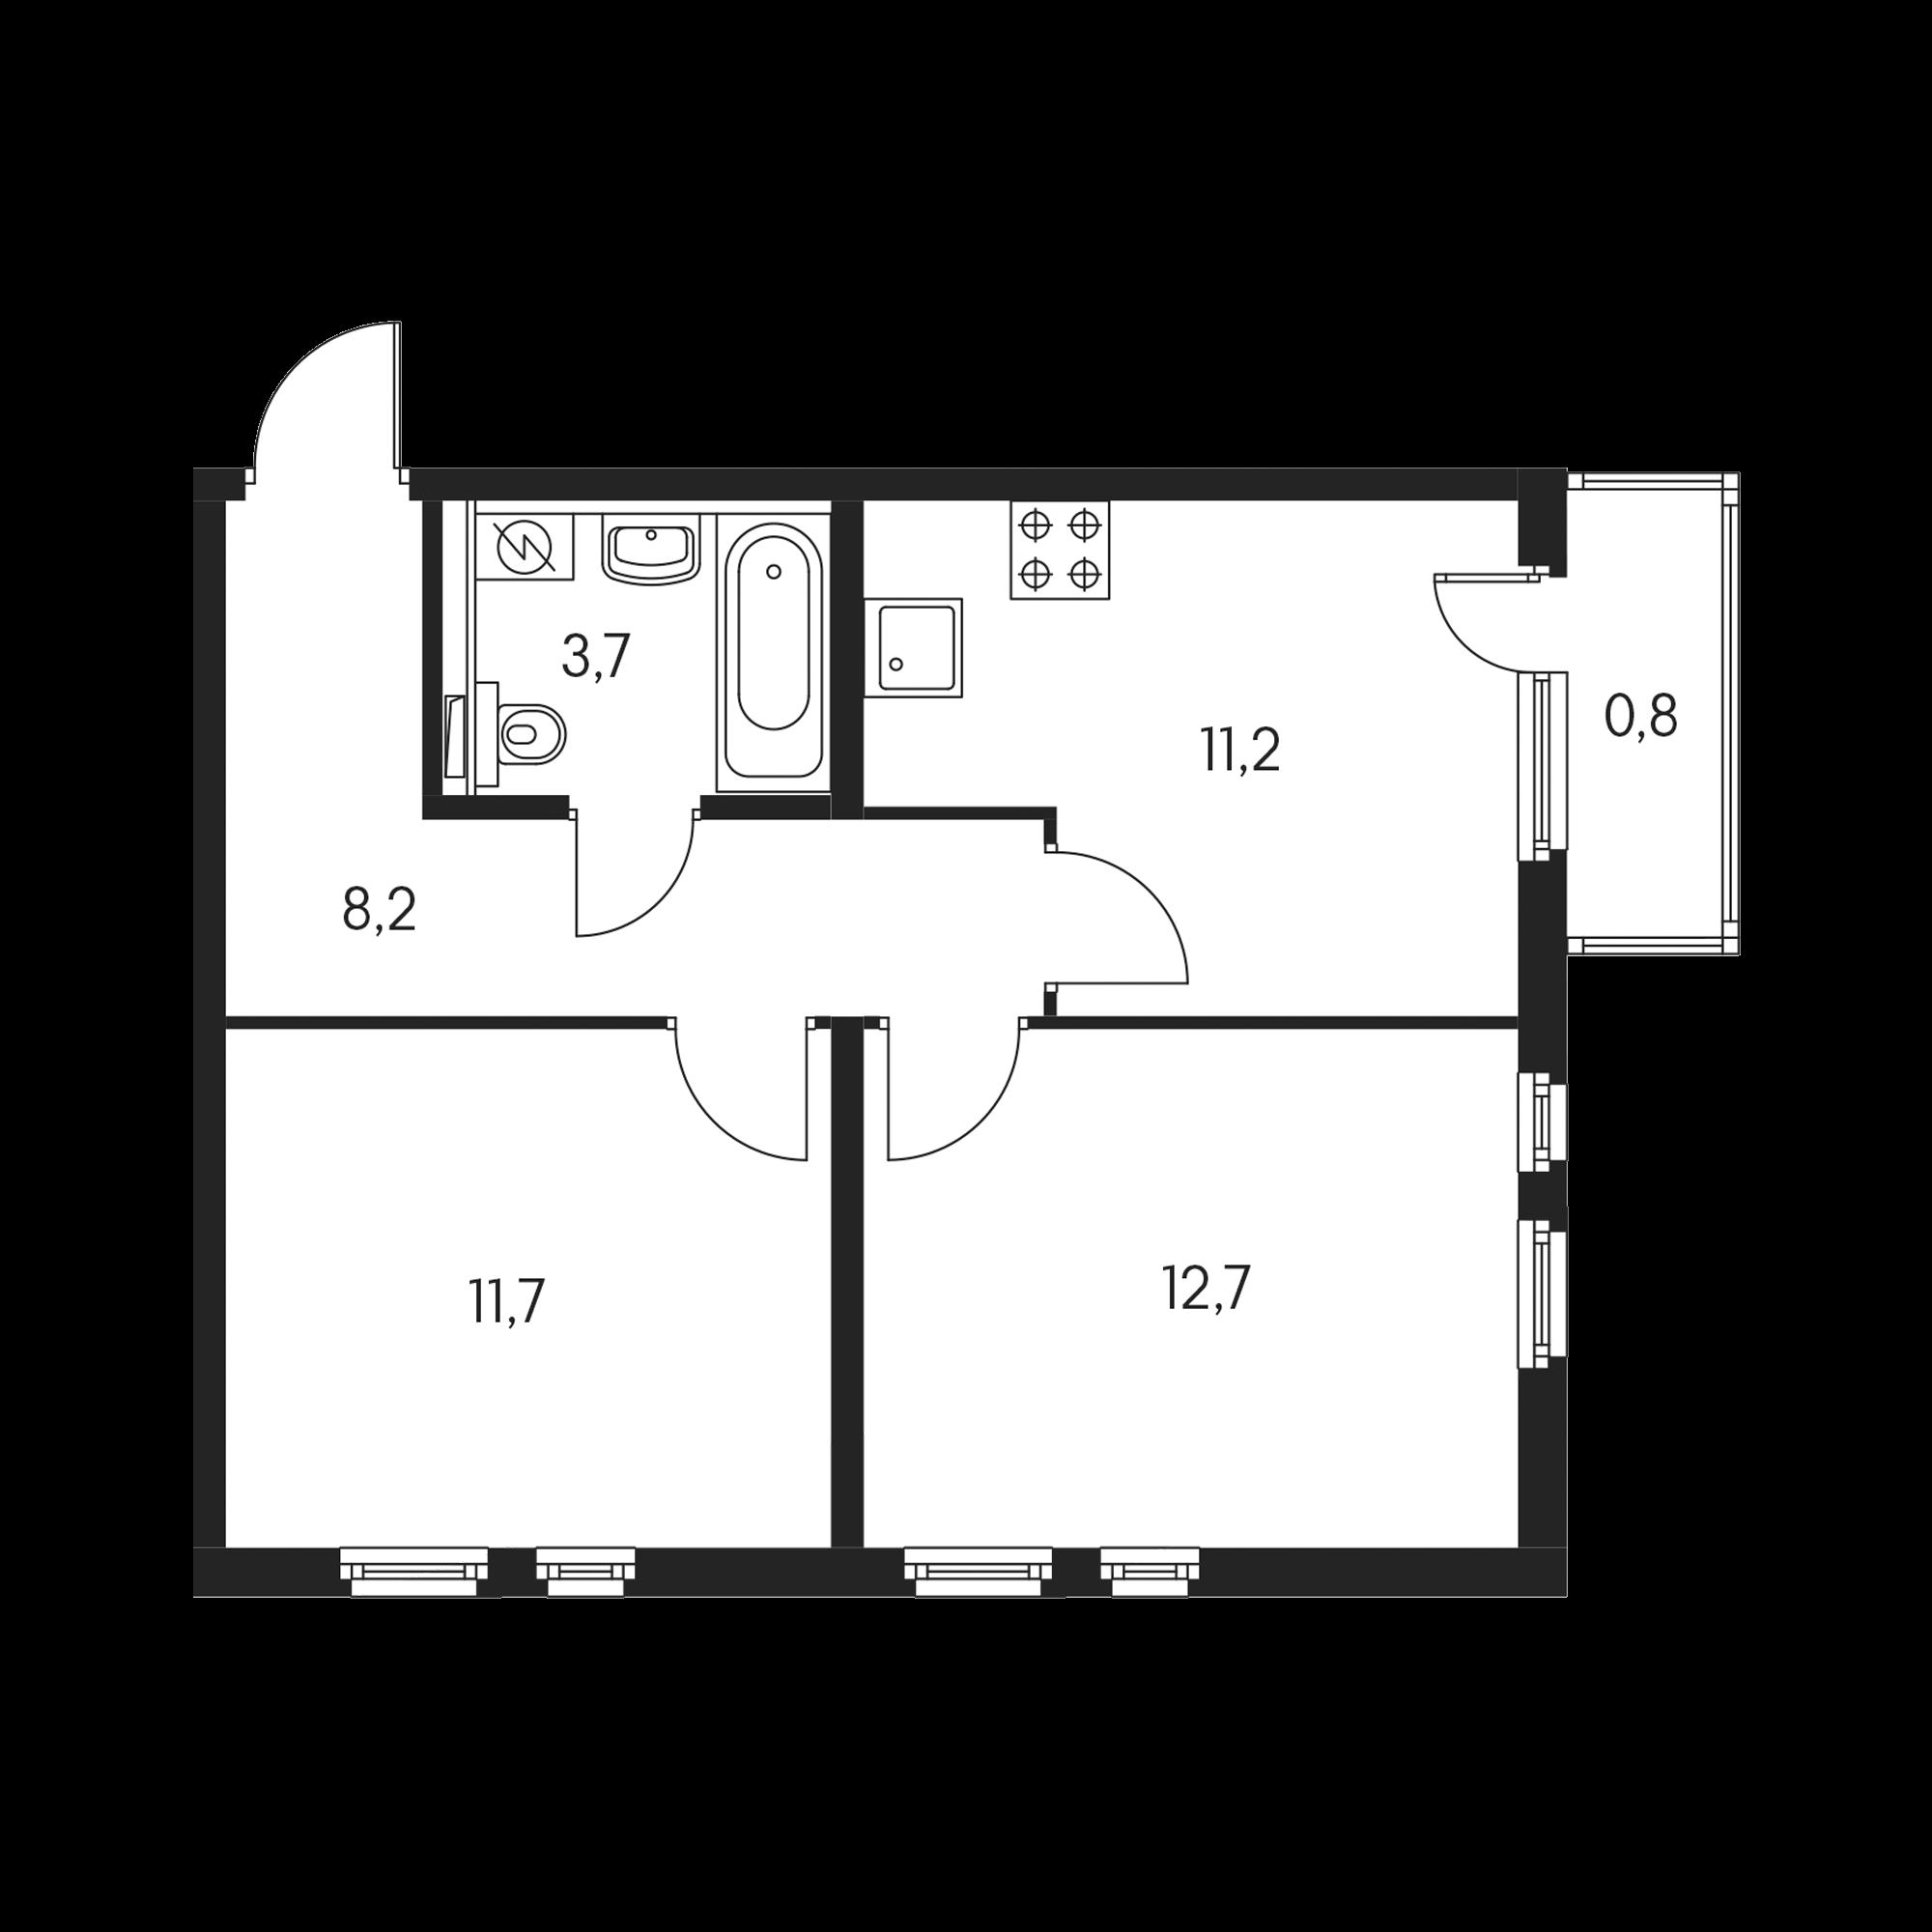 2-2_2A(B)